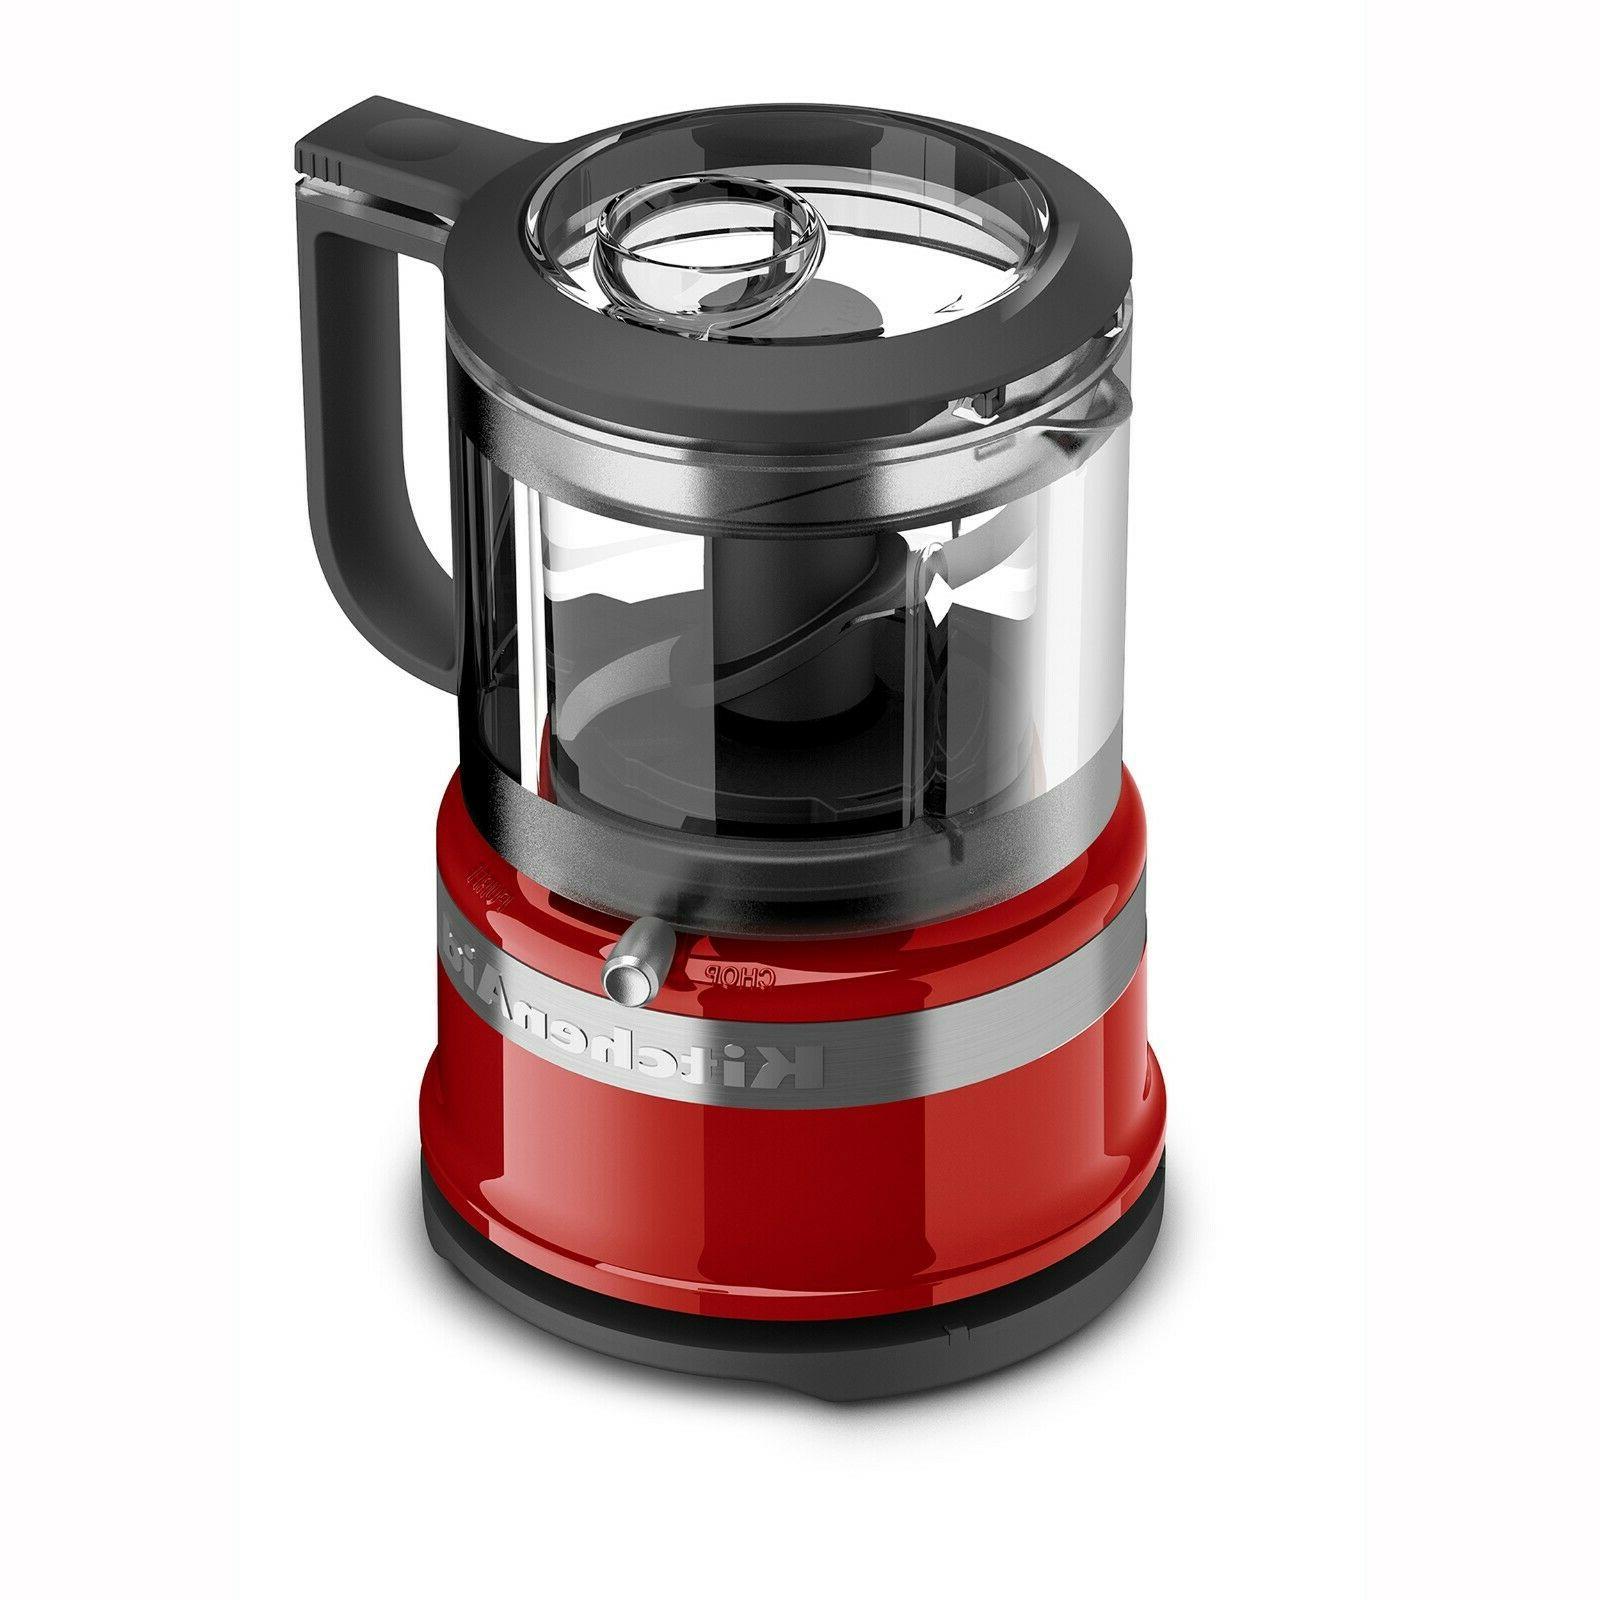 New KitchenAid 3.5 240 W Food Processor Chopper 2